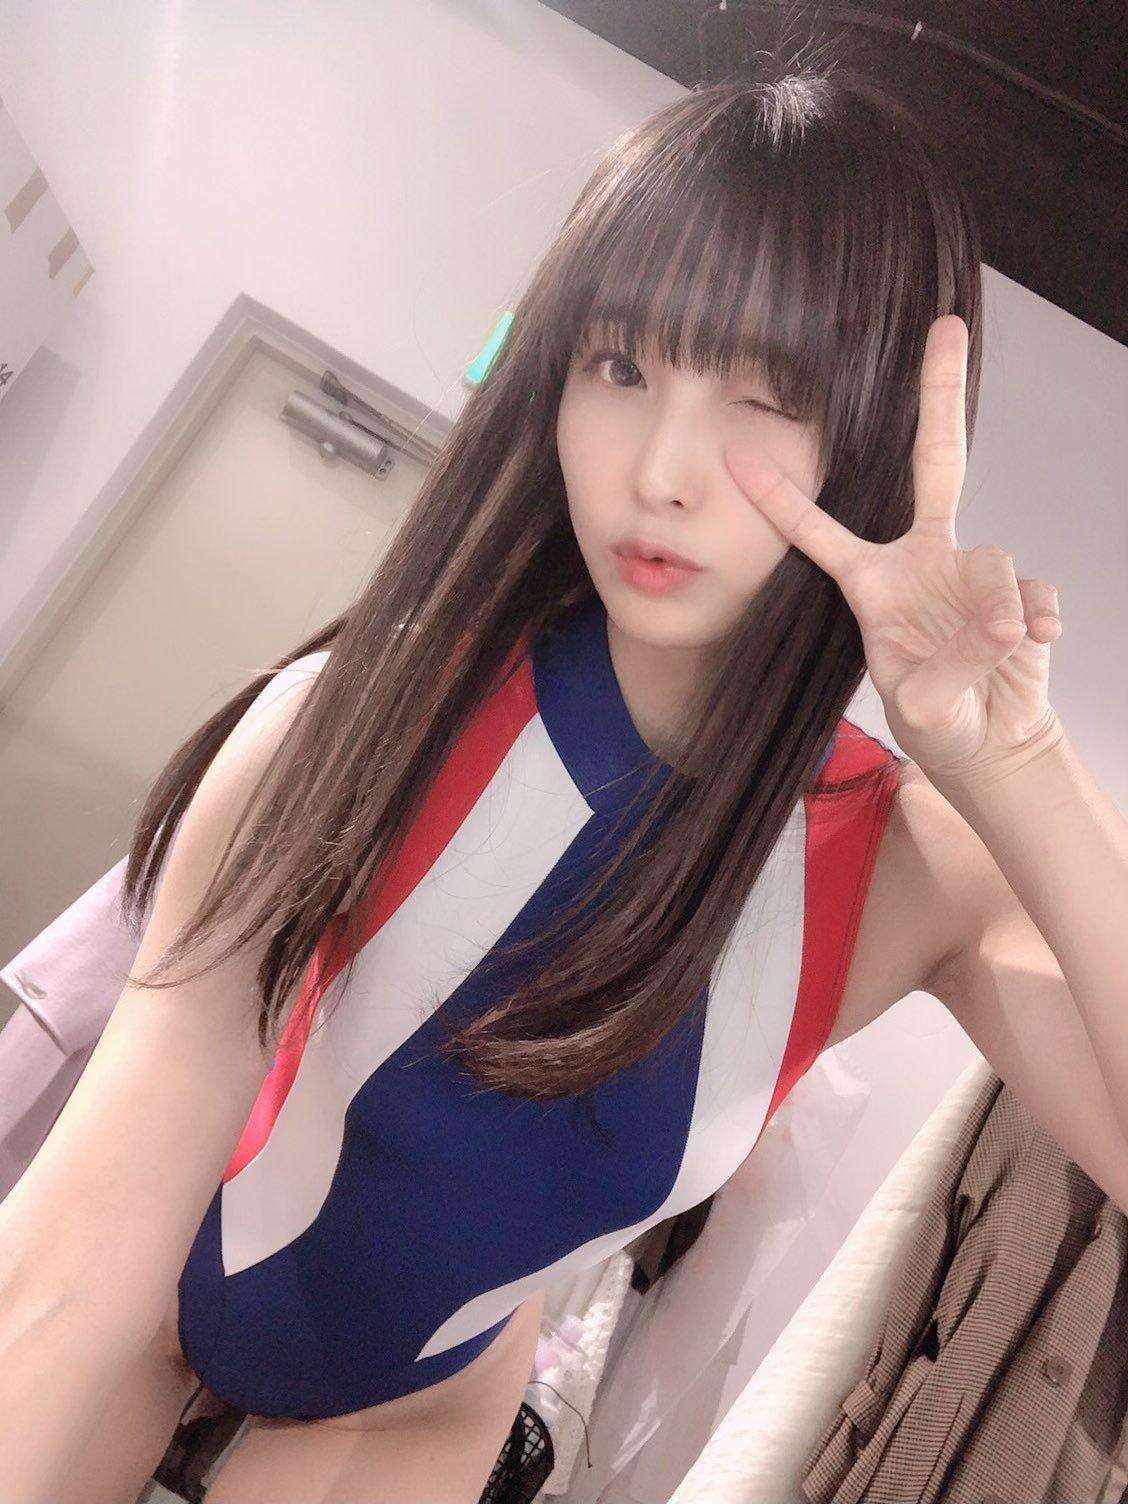 kawasaki__aya 1235540027477655553_p0